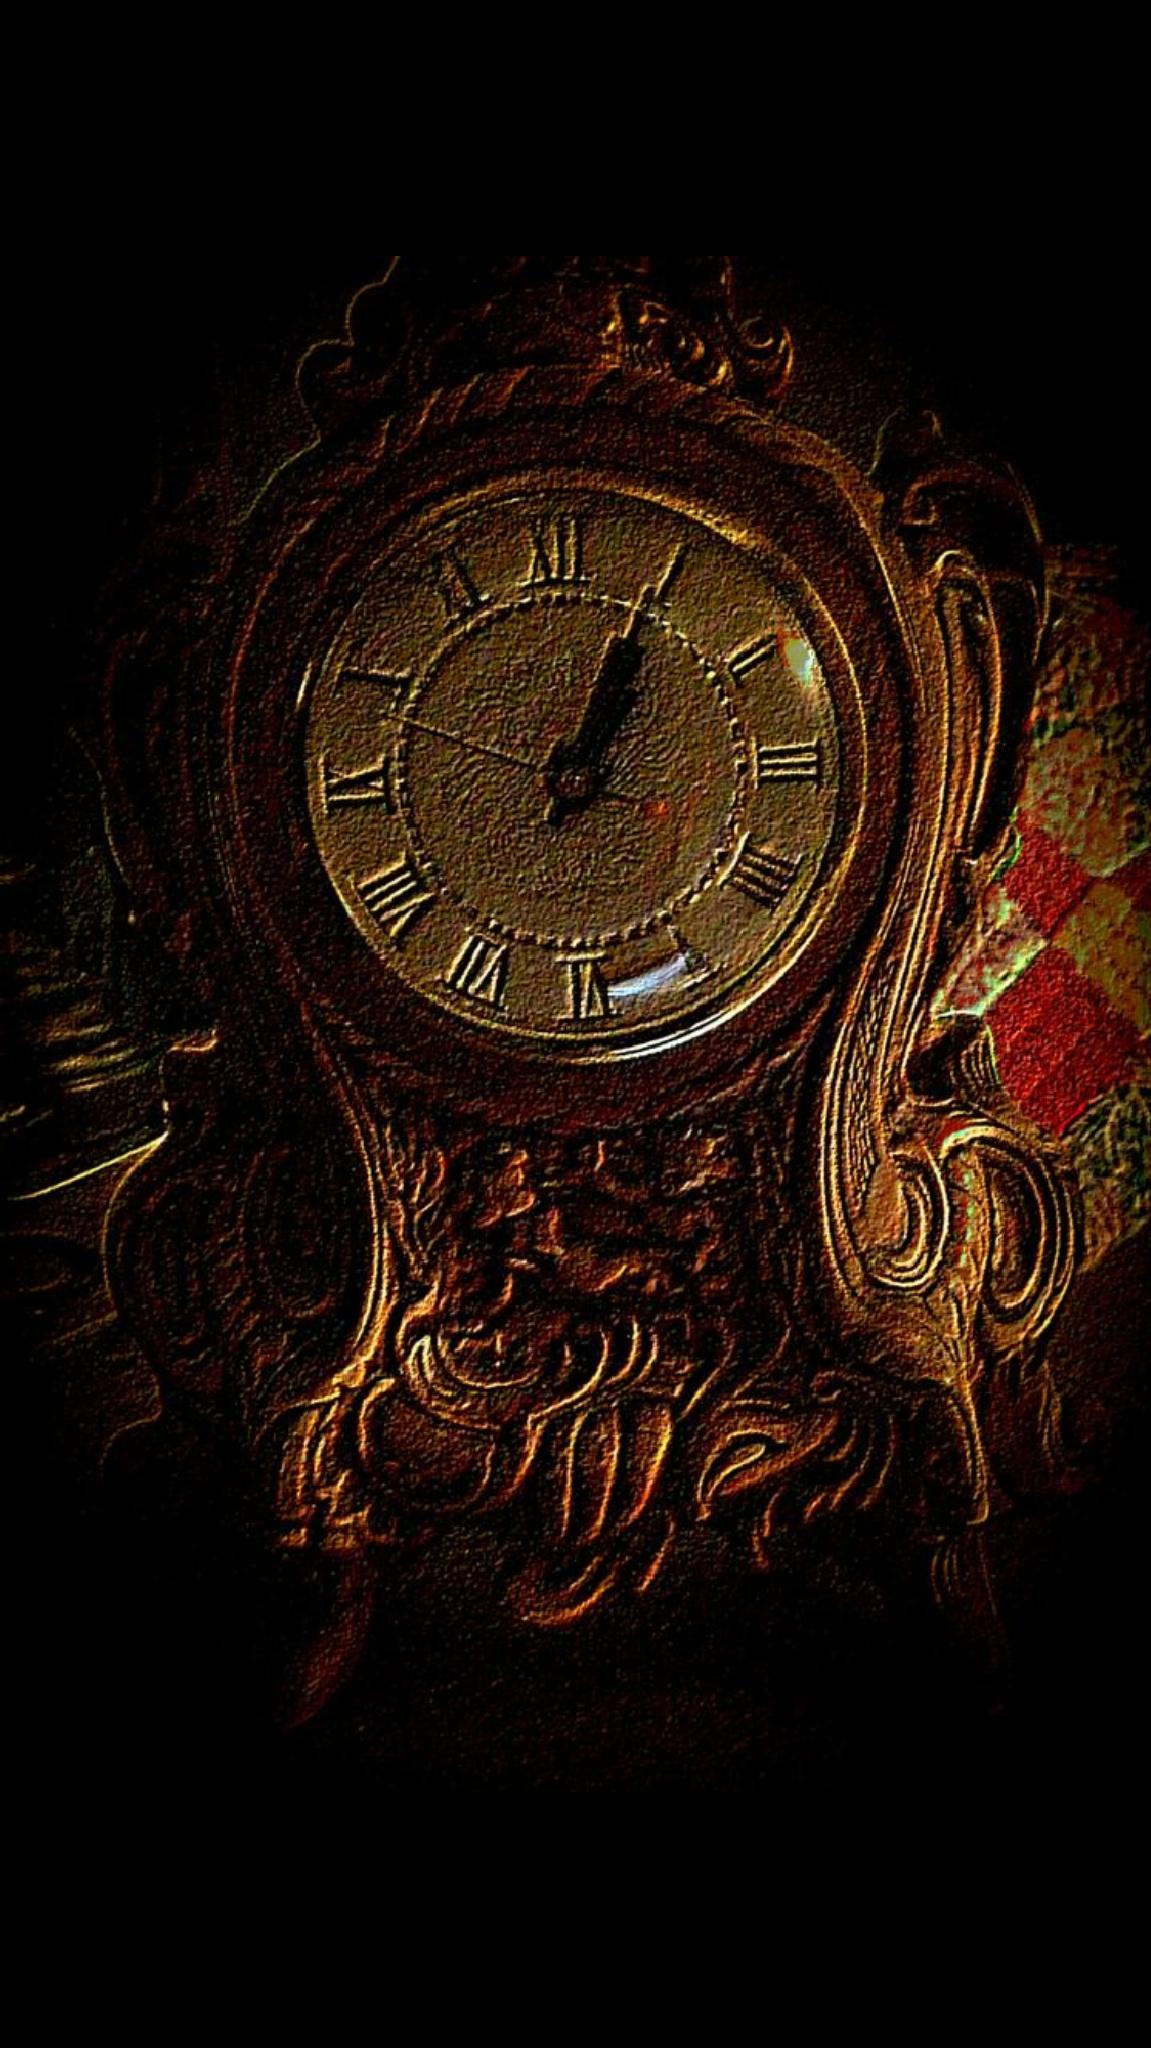 Grandma's Clock by ginger.barritt